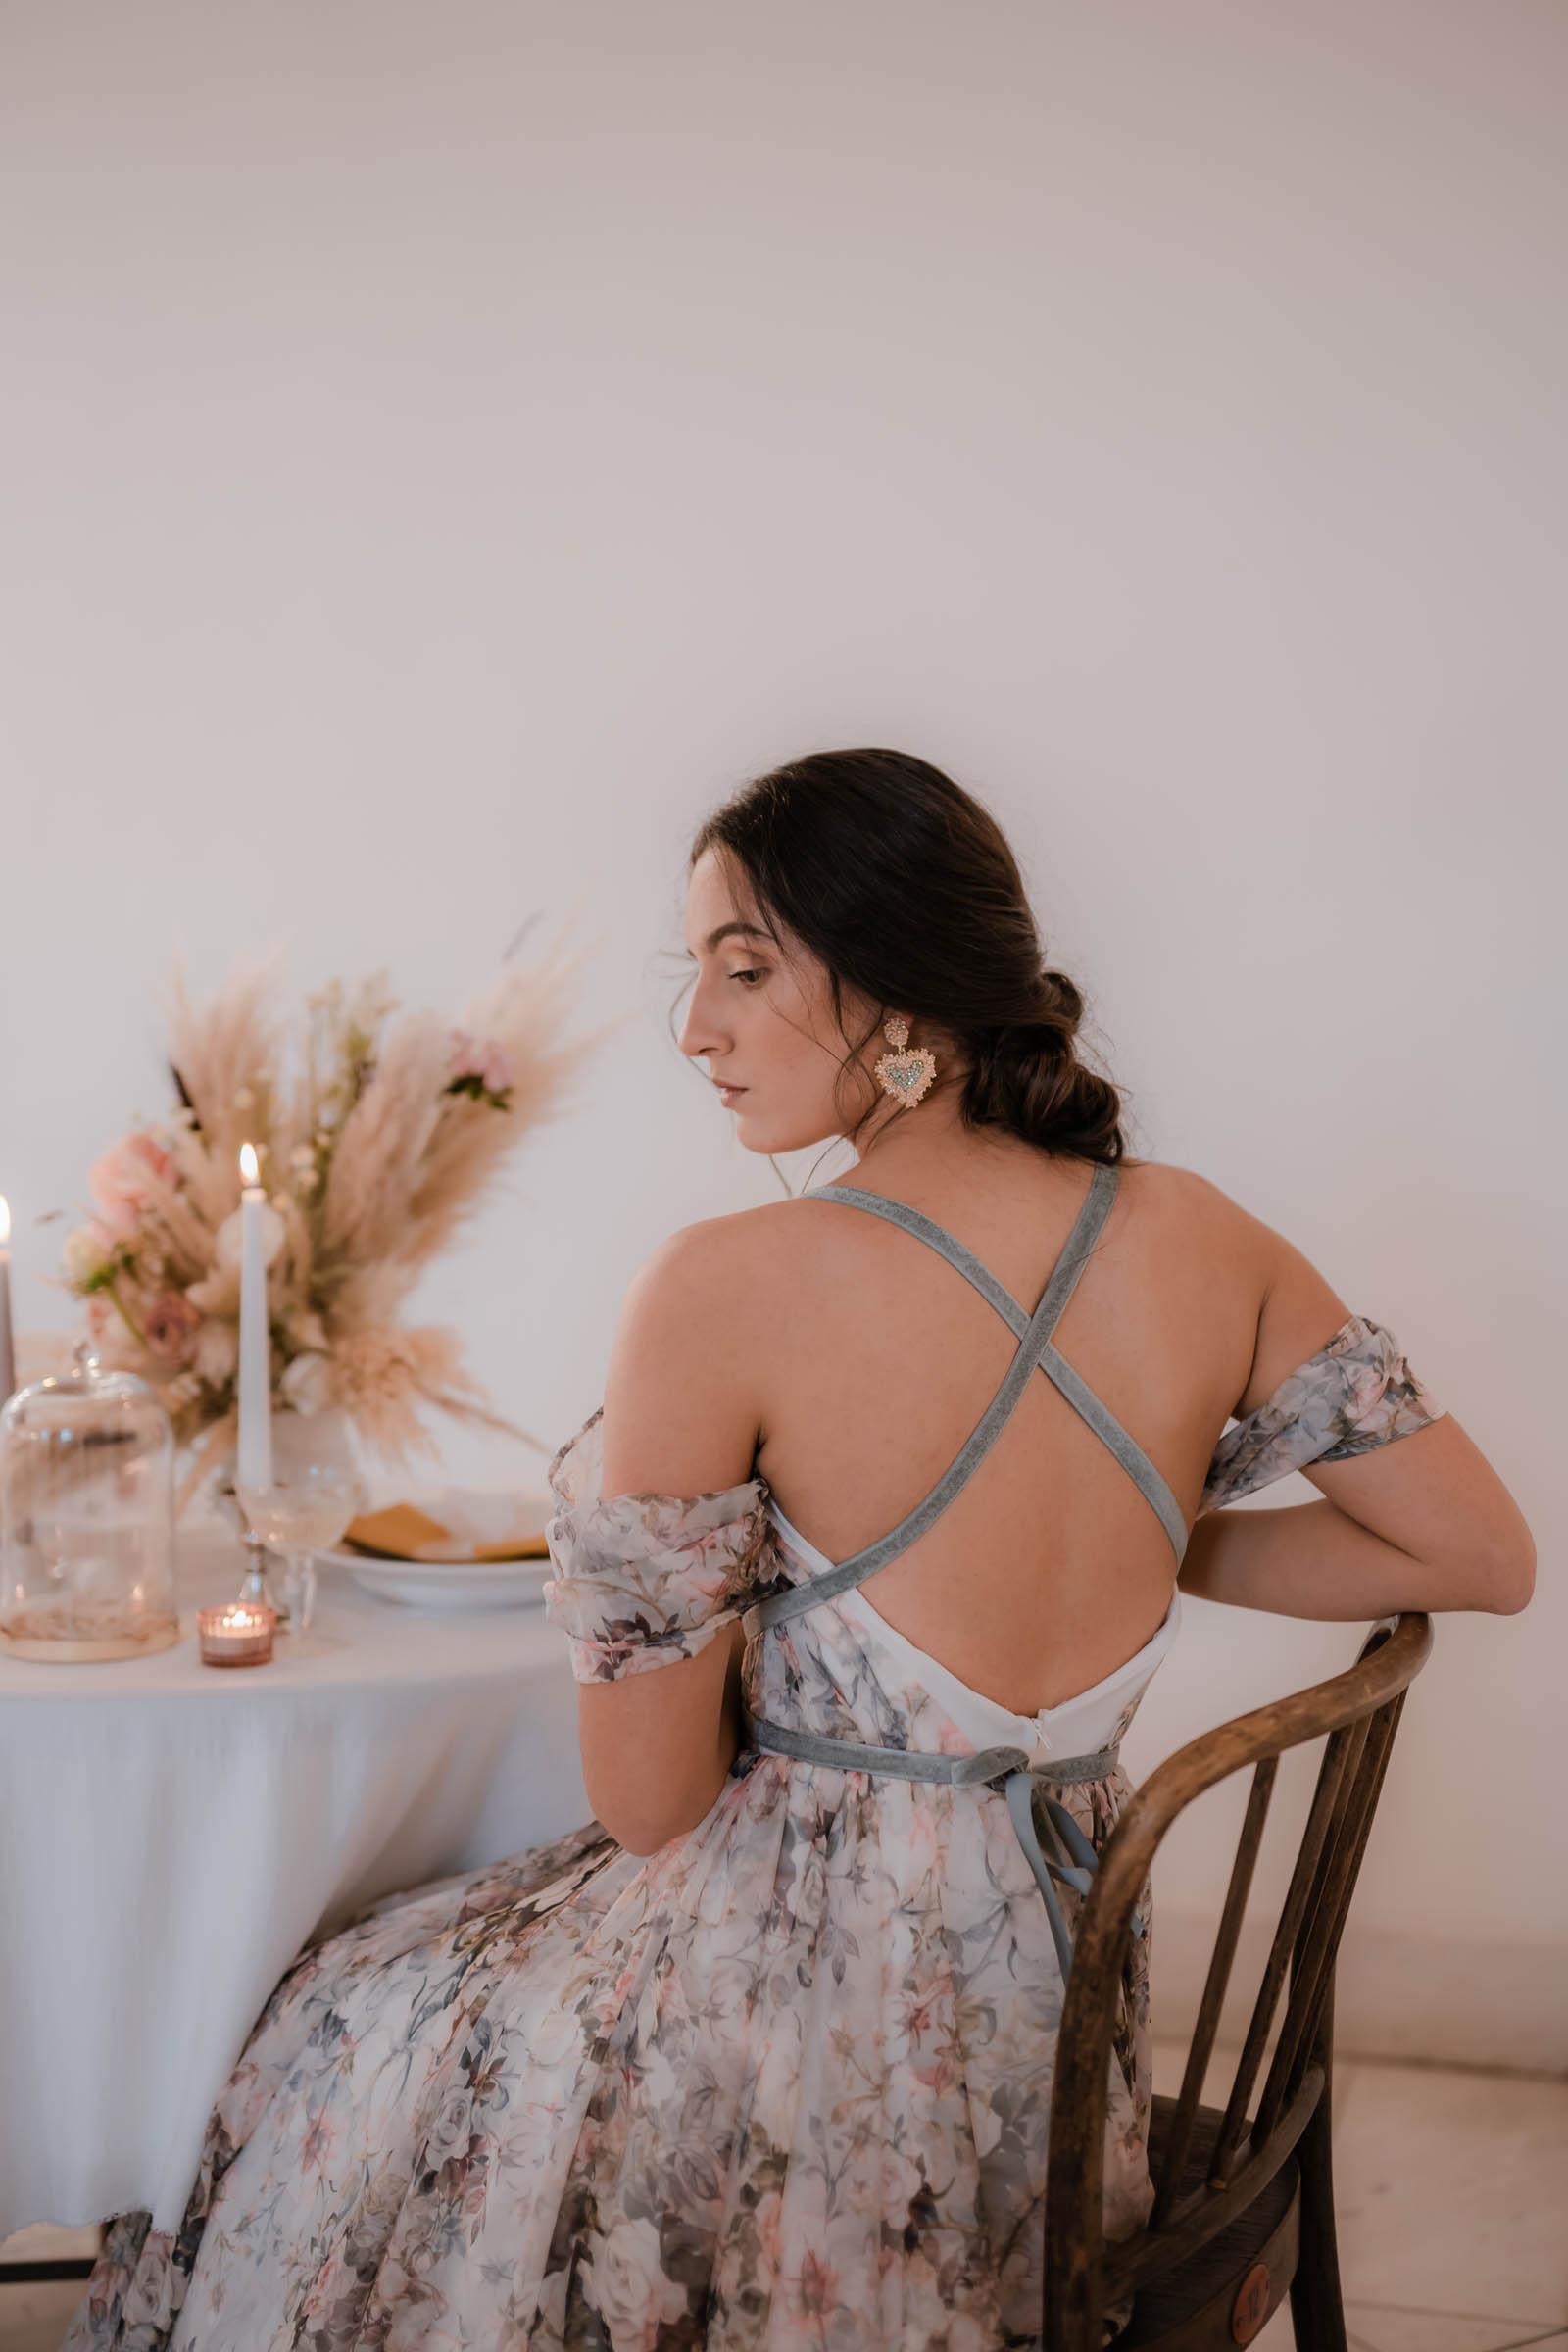 boho-svadobne-saty-veronika-kostkova-wedding-atelier-2019-maya-4